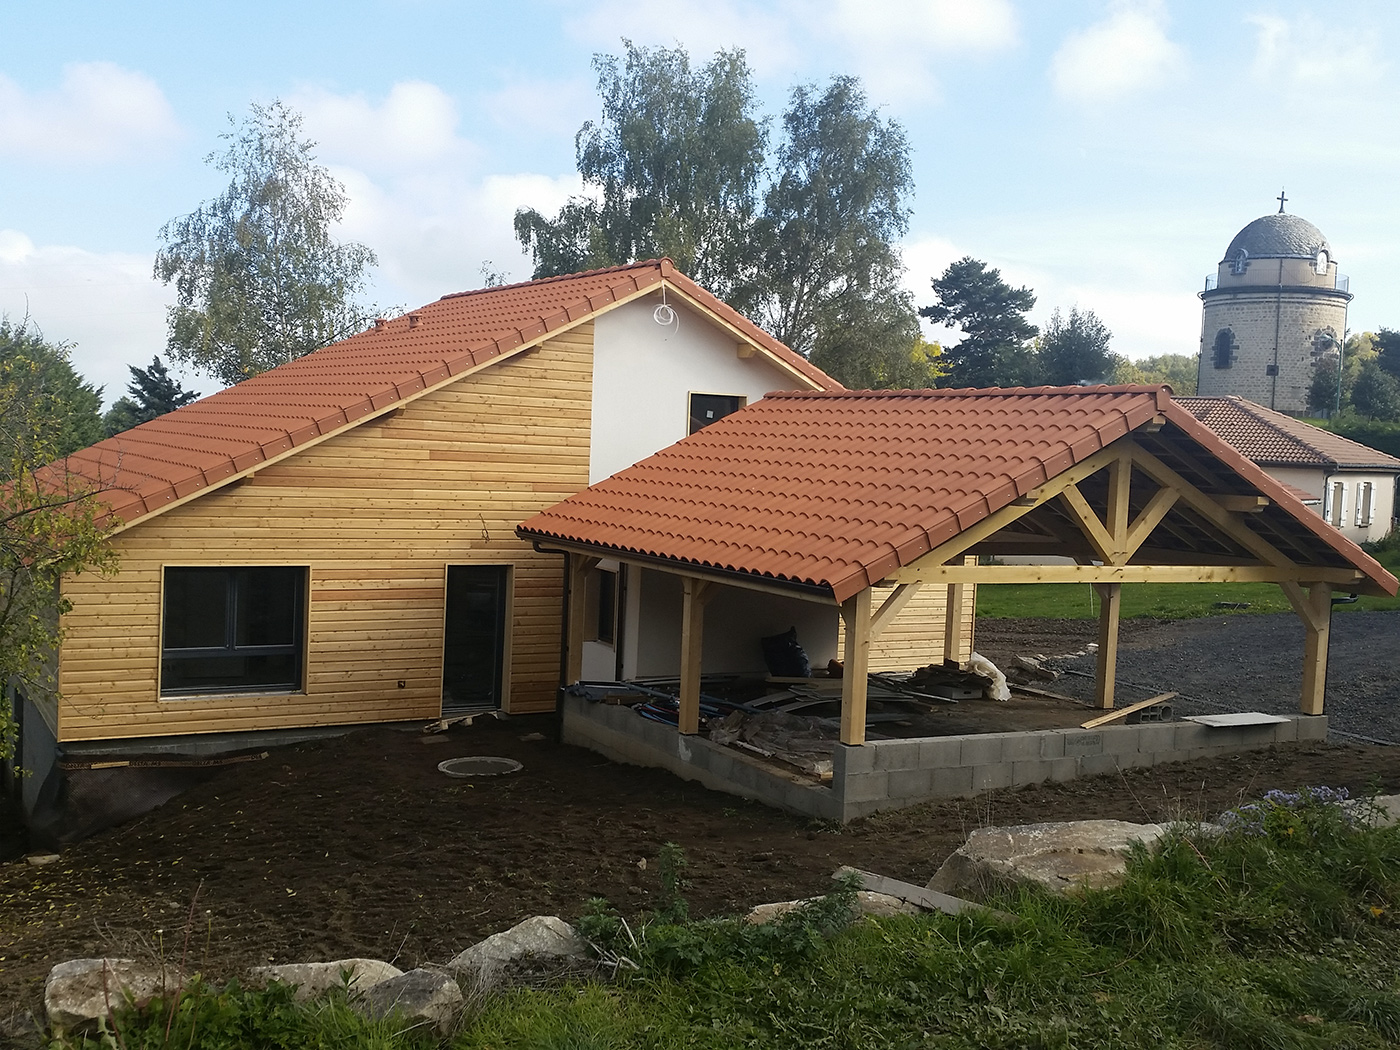 Constructeur maison bois puy de dome ventana blog for Constructeur maison ossature bois 05